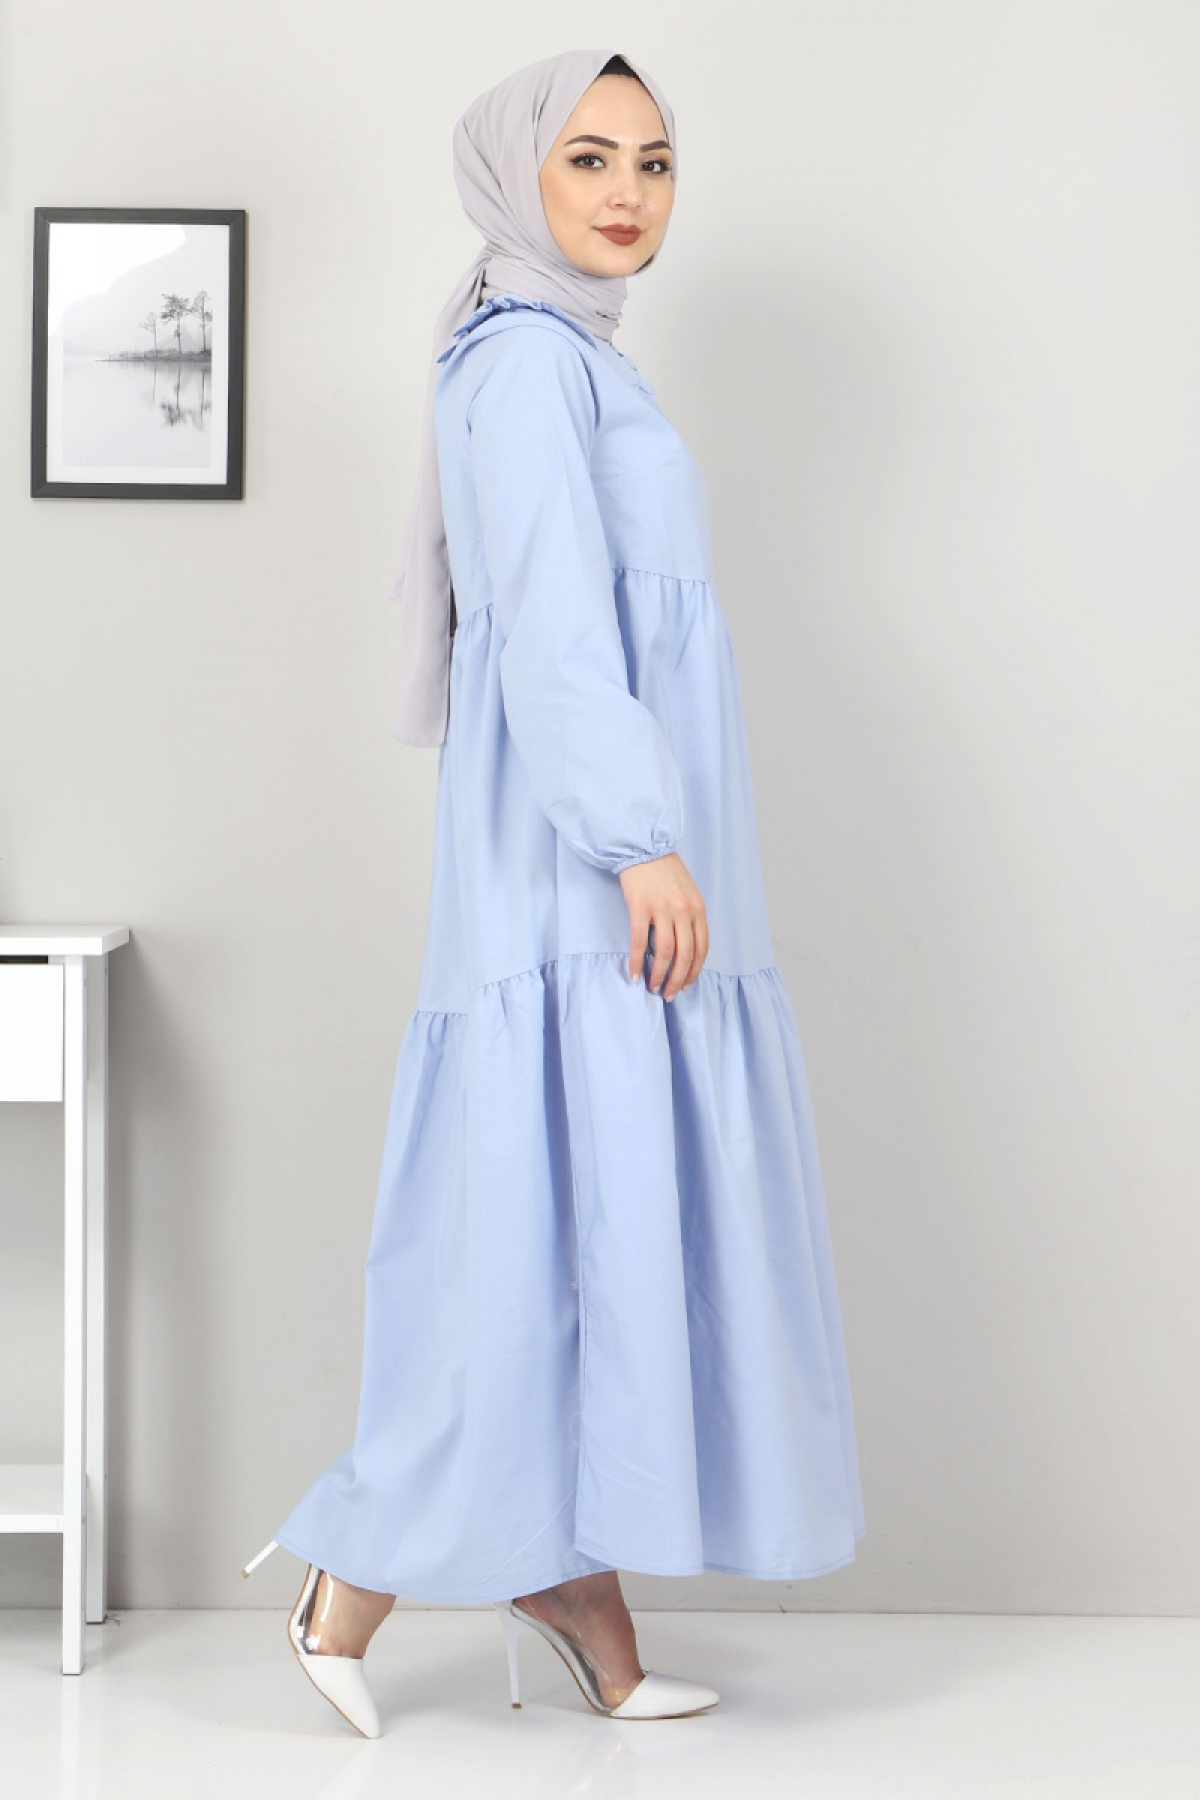 Bebe Yaka Tesettür Elbise TSD0706 Bebe Mavisi